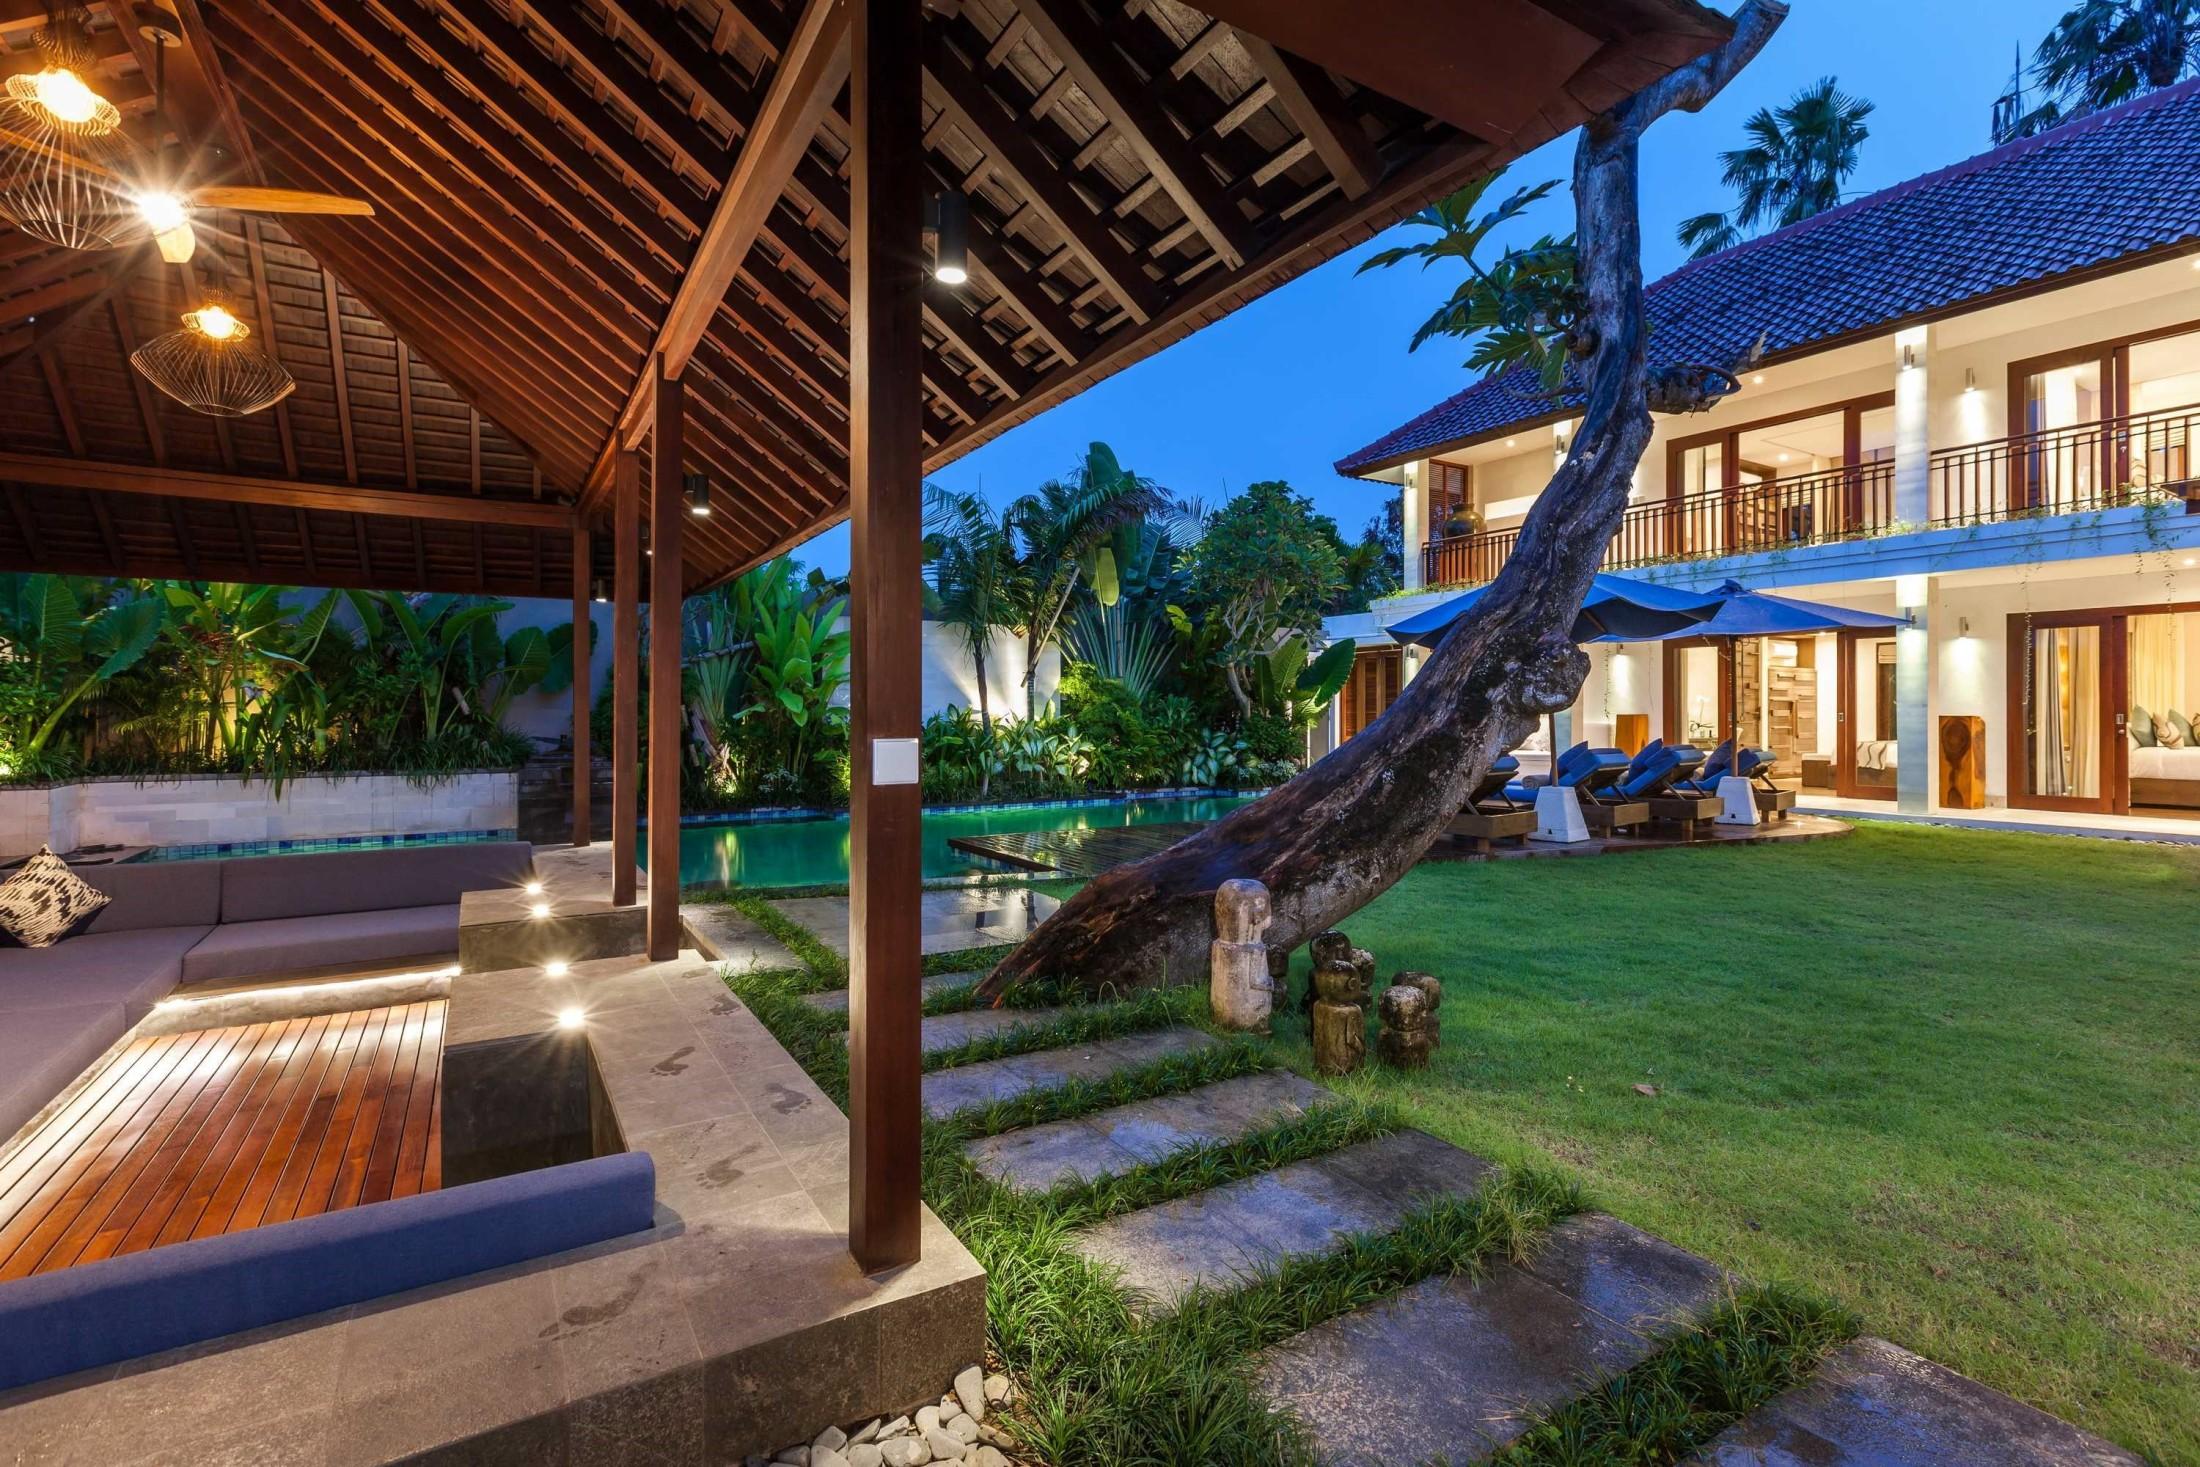 8 Ide Desain Taman Yang Membuat Rumah Anda Tampil Lebih Keren | Foto artikel Arsitag